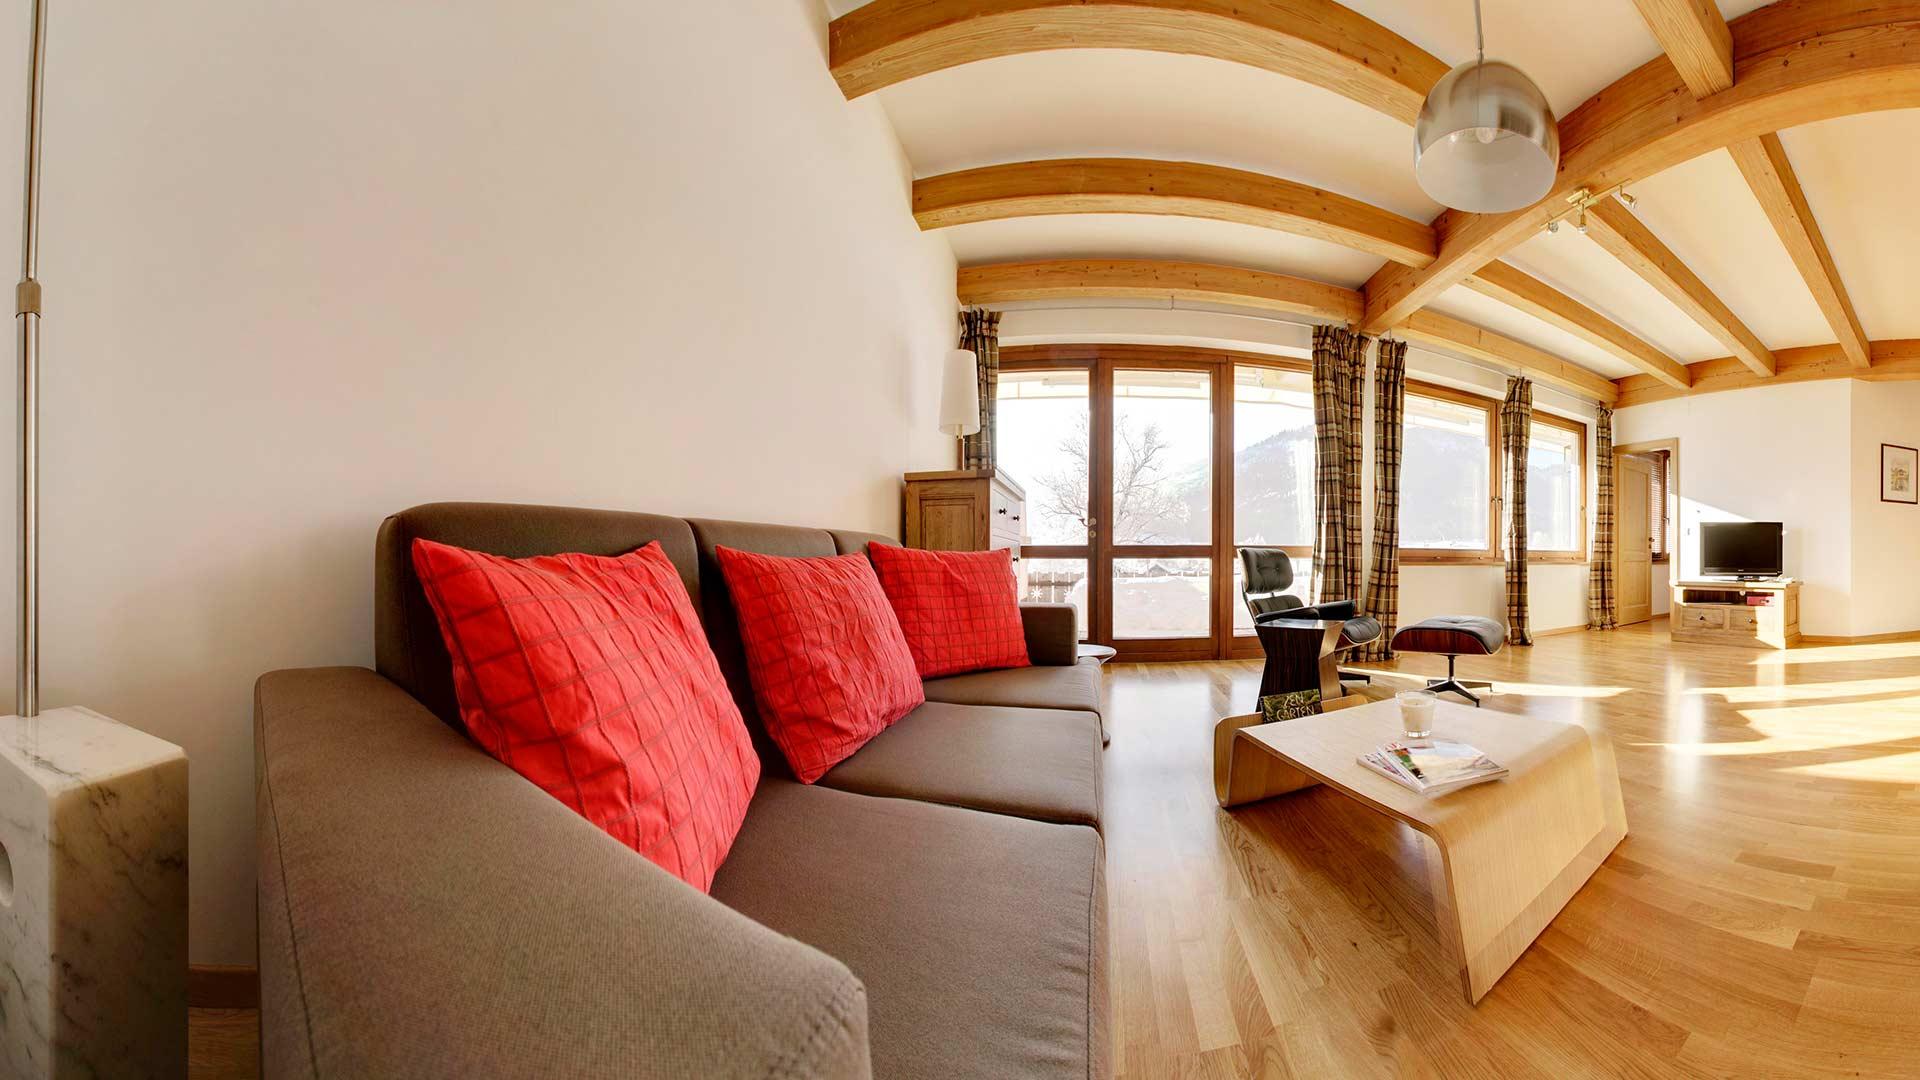 Appartement 2 - Wohmzimmer 2